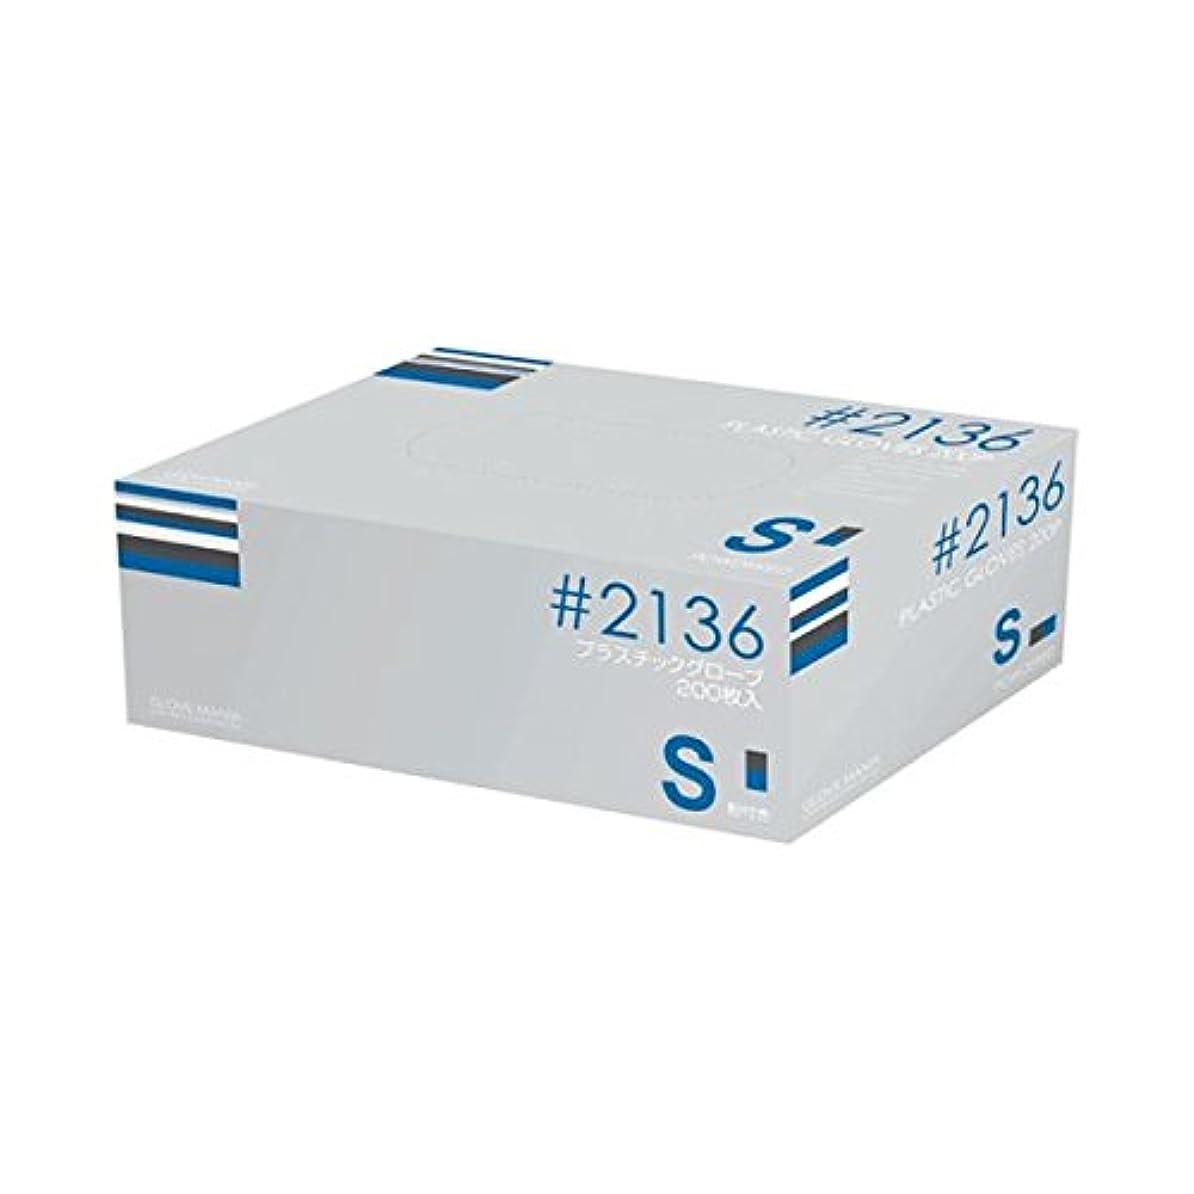 むしろブレイズ分泌する川西工業 プラスティックグローブ #2136 S 粉付 15箱 ダイエット 健康 衛生用品 その他の衛生用品 14067381 [並行輸入品]